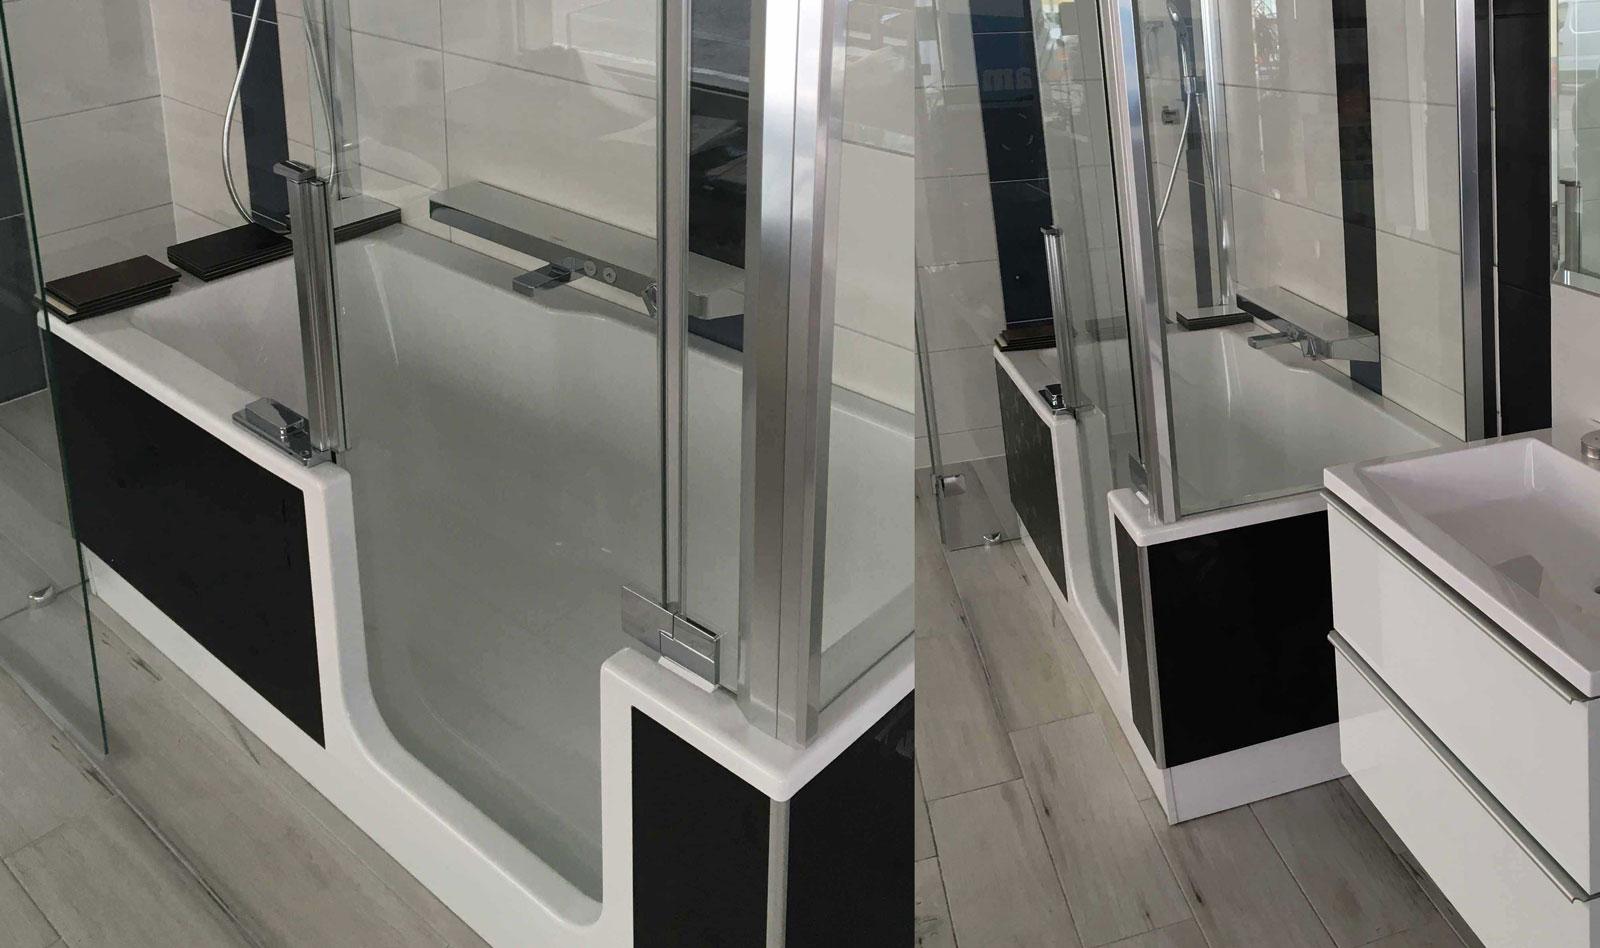 Barrierefreie Bad & WC - Toilette Sanitär Handel und Installation SEMA Installateur Wien sema_wien_vienna_behinderten_barrierefrei_schauraum_badewanne_2018